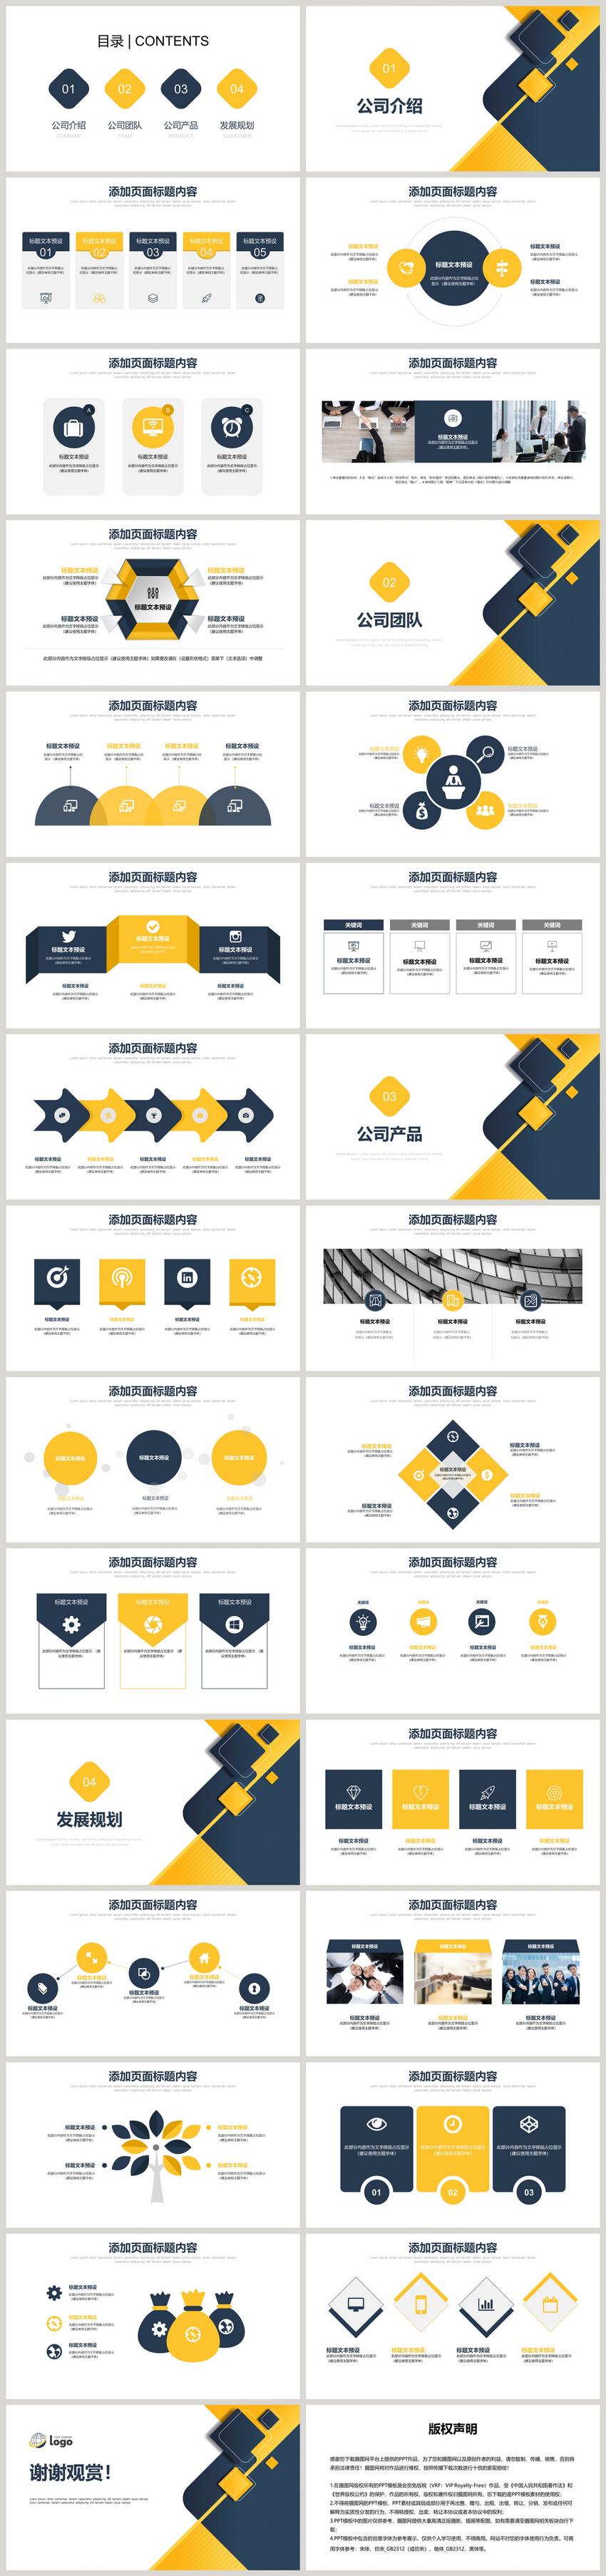 黄色扁平化品牌推广方案PPT模板图片